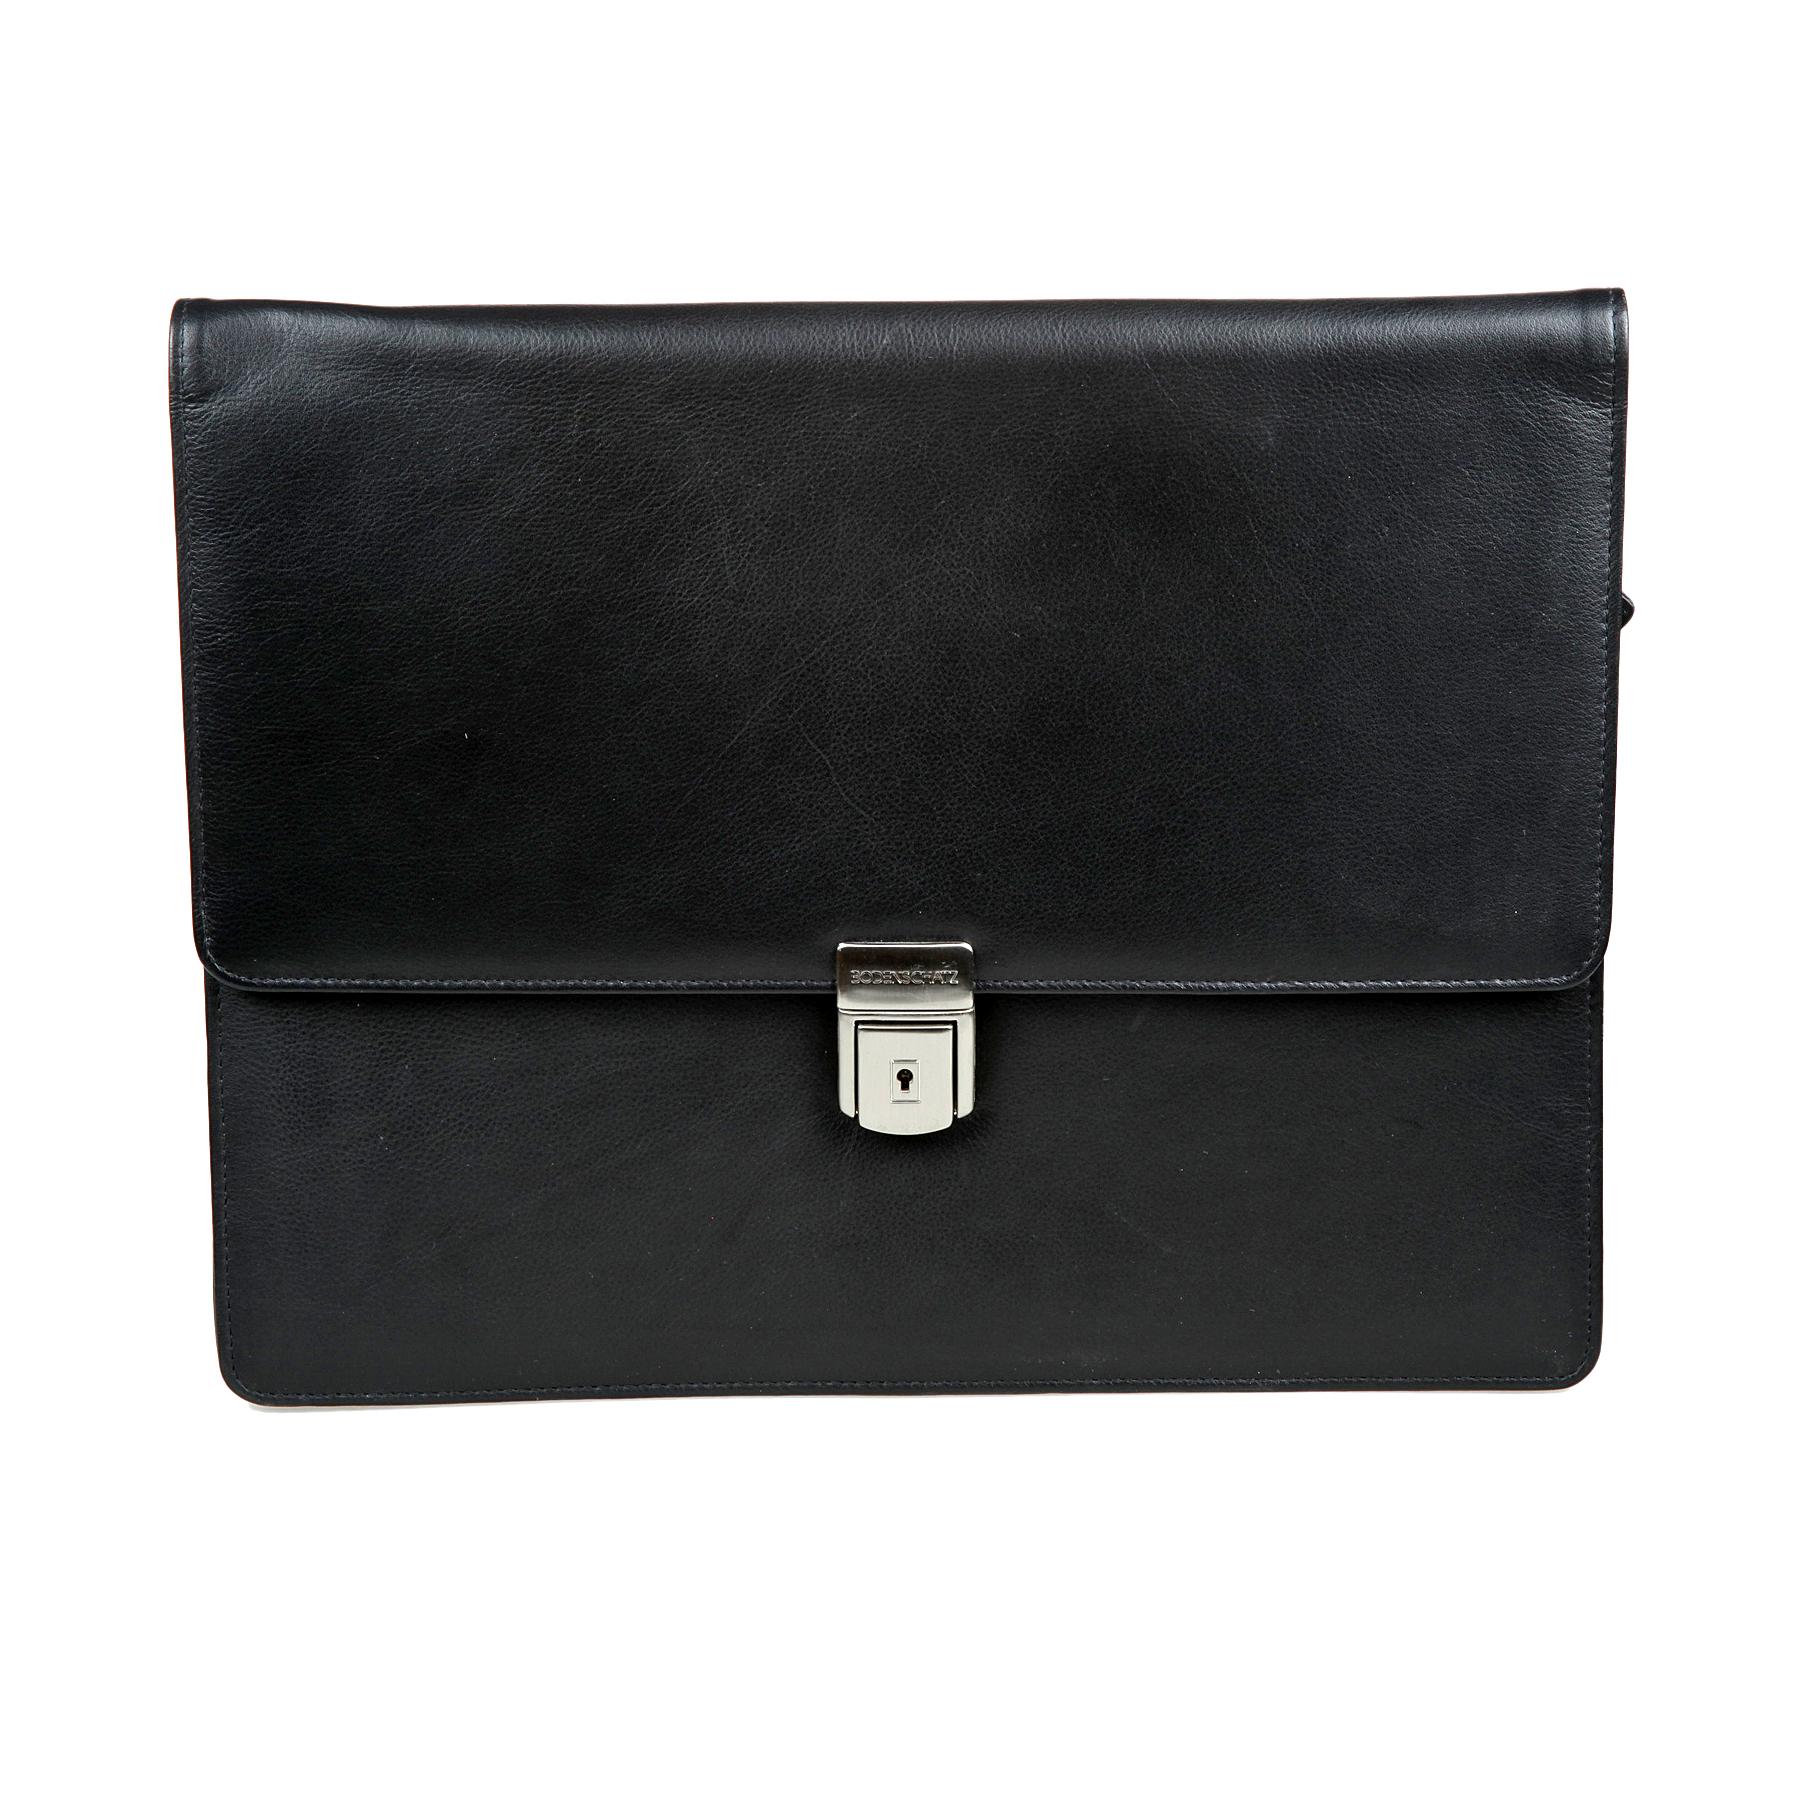 Папка мужская Bodenschatz, цвет: черный. 8-643 black барсетка мужская bodenschatz цвет черный 8 427 01